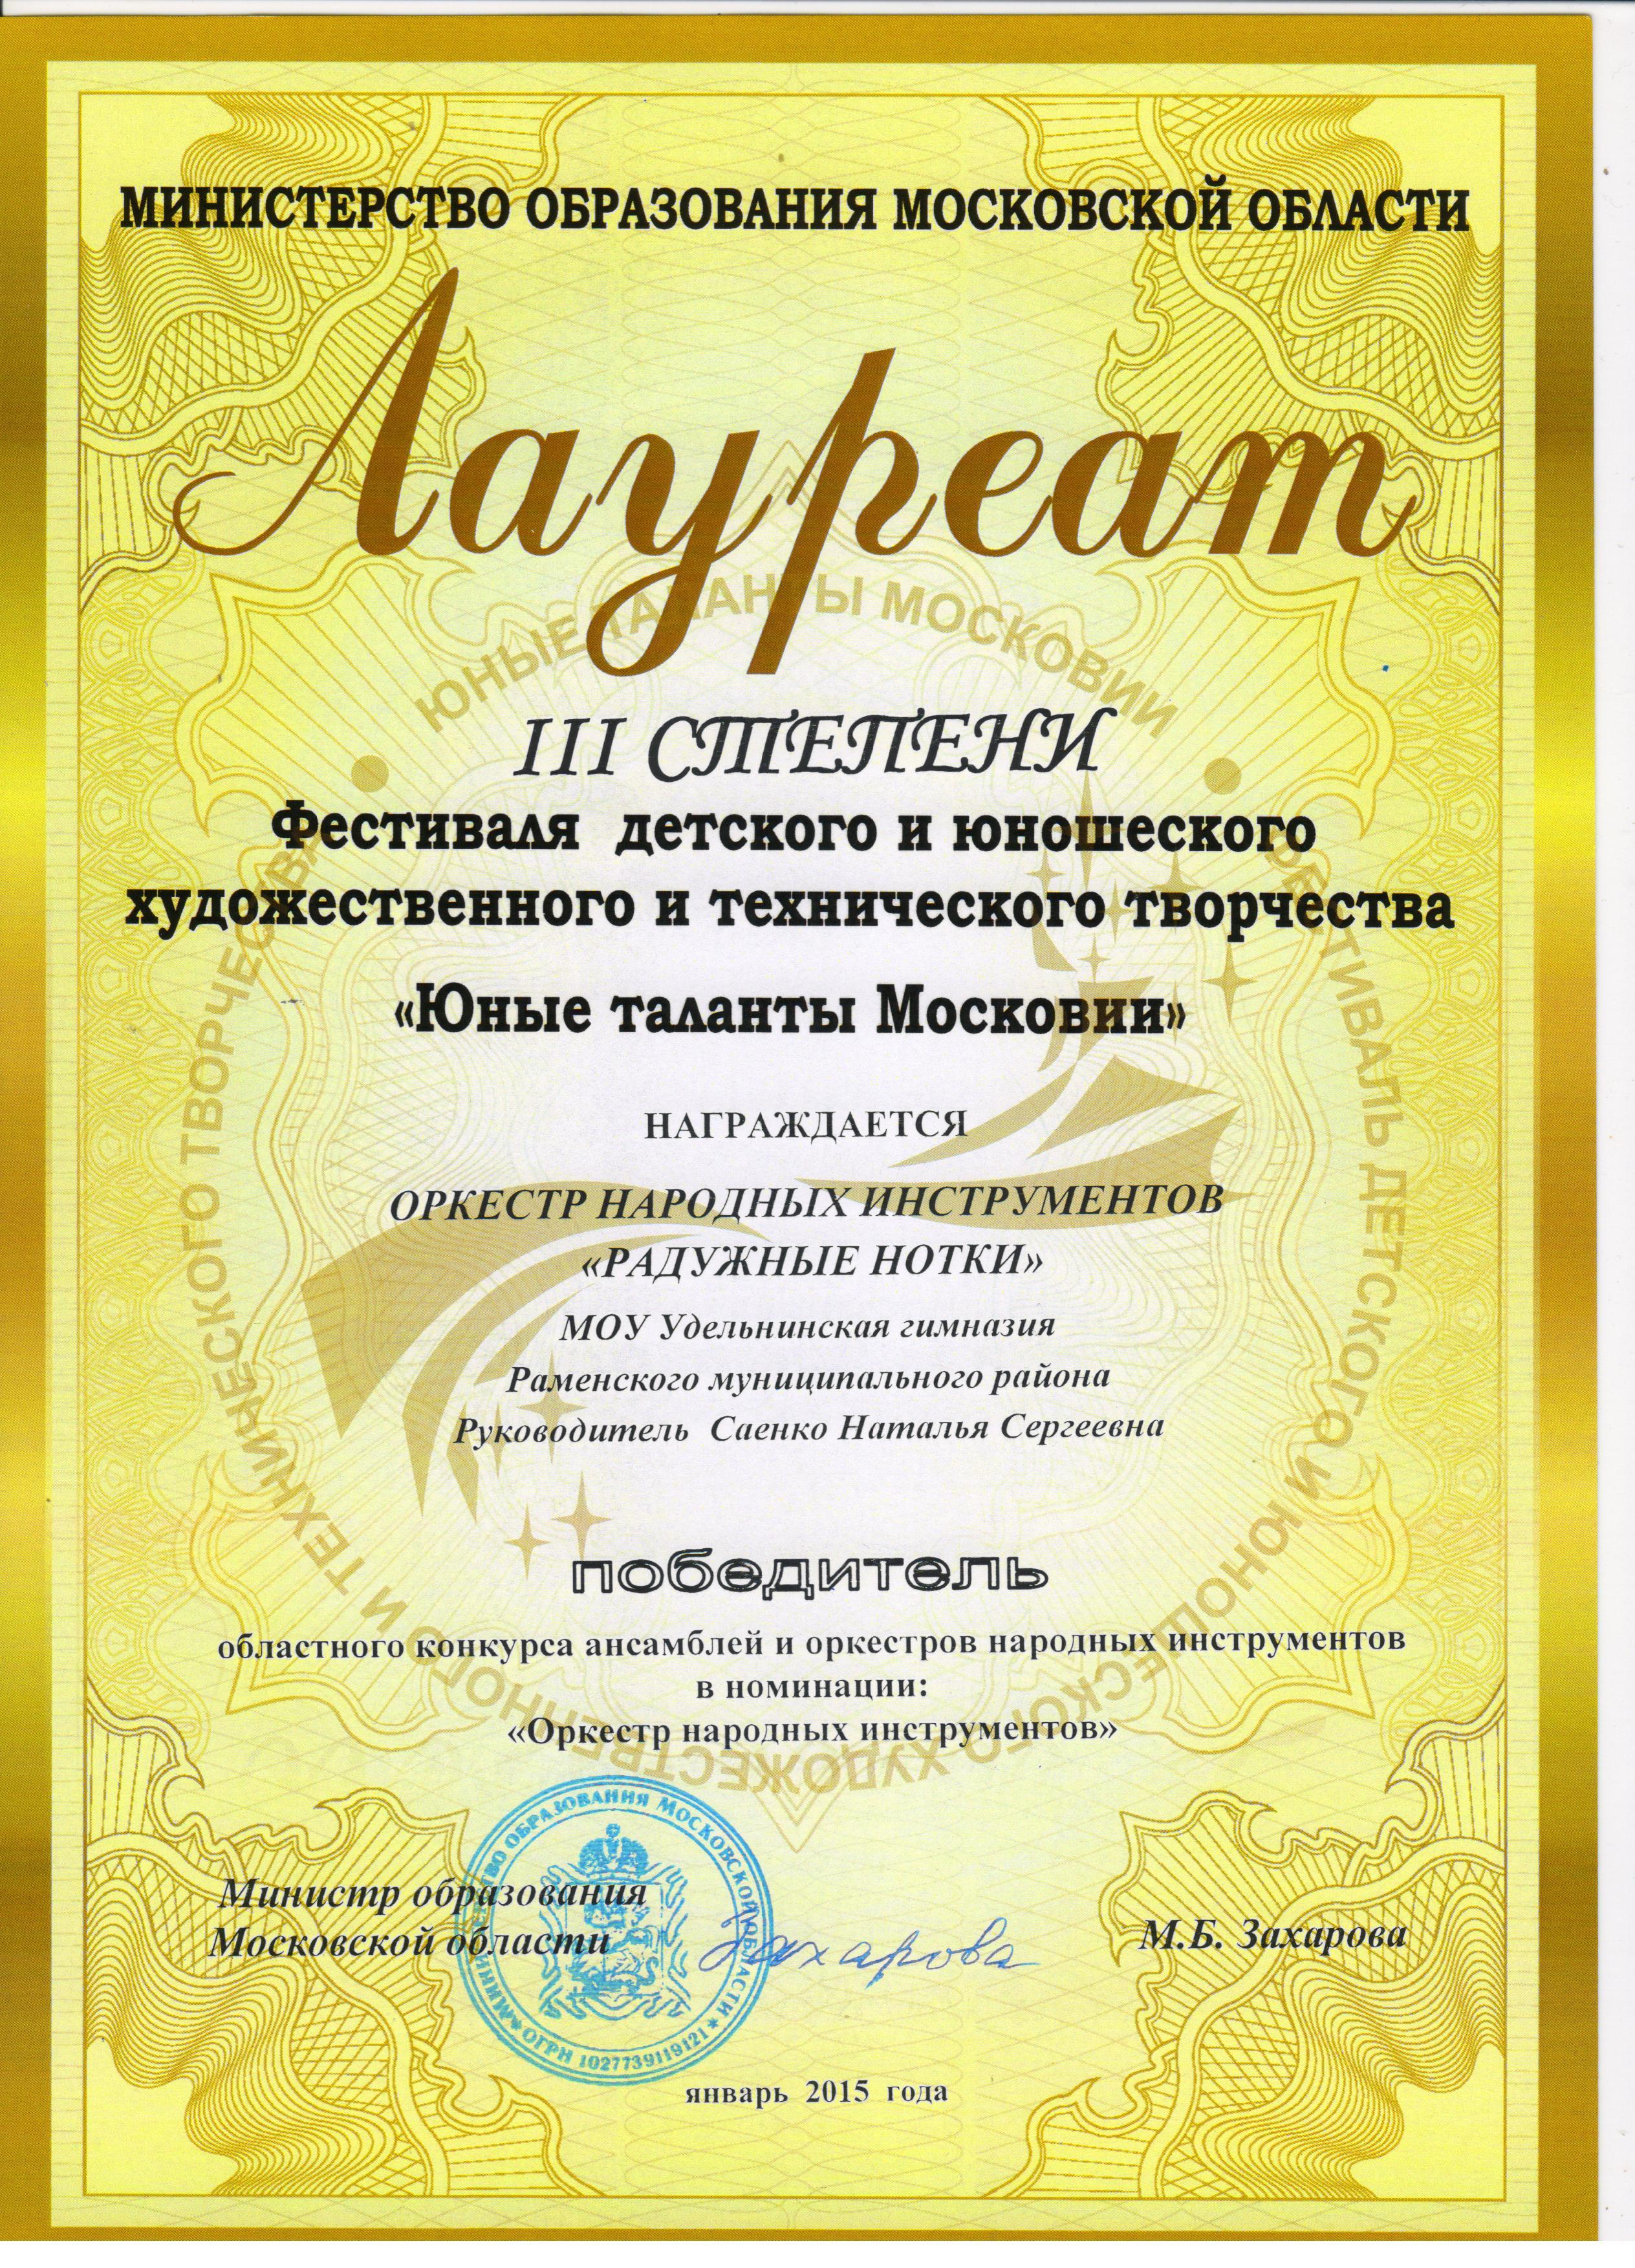 Итоги конкурса юные таланты московии